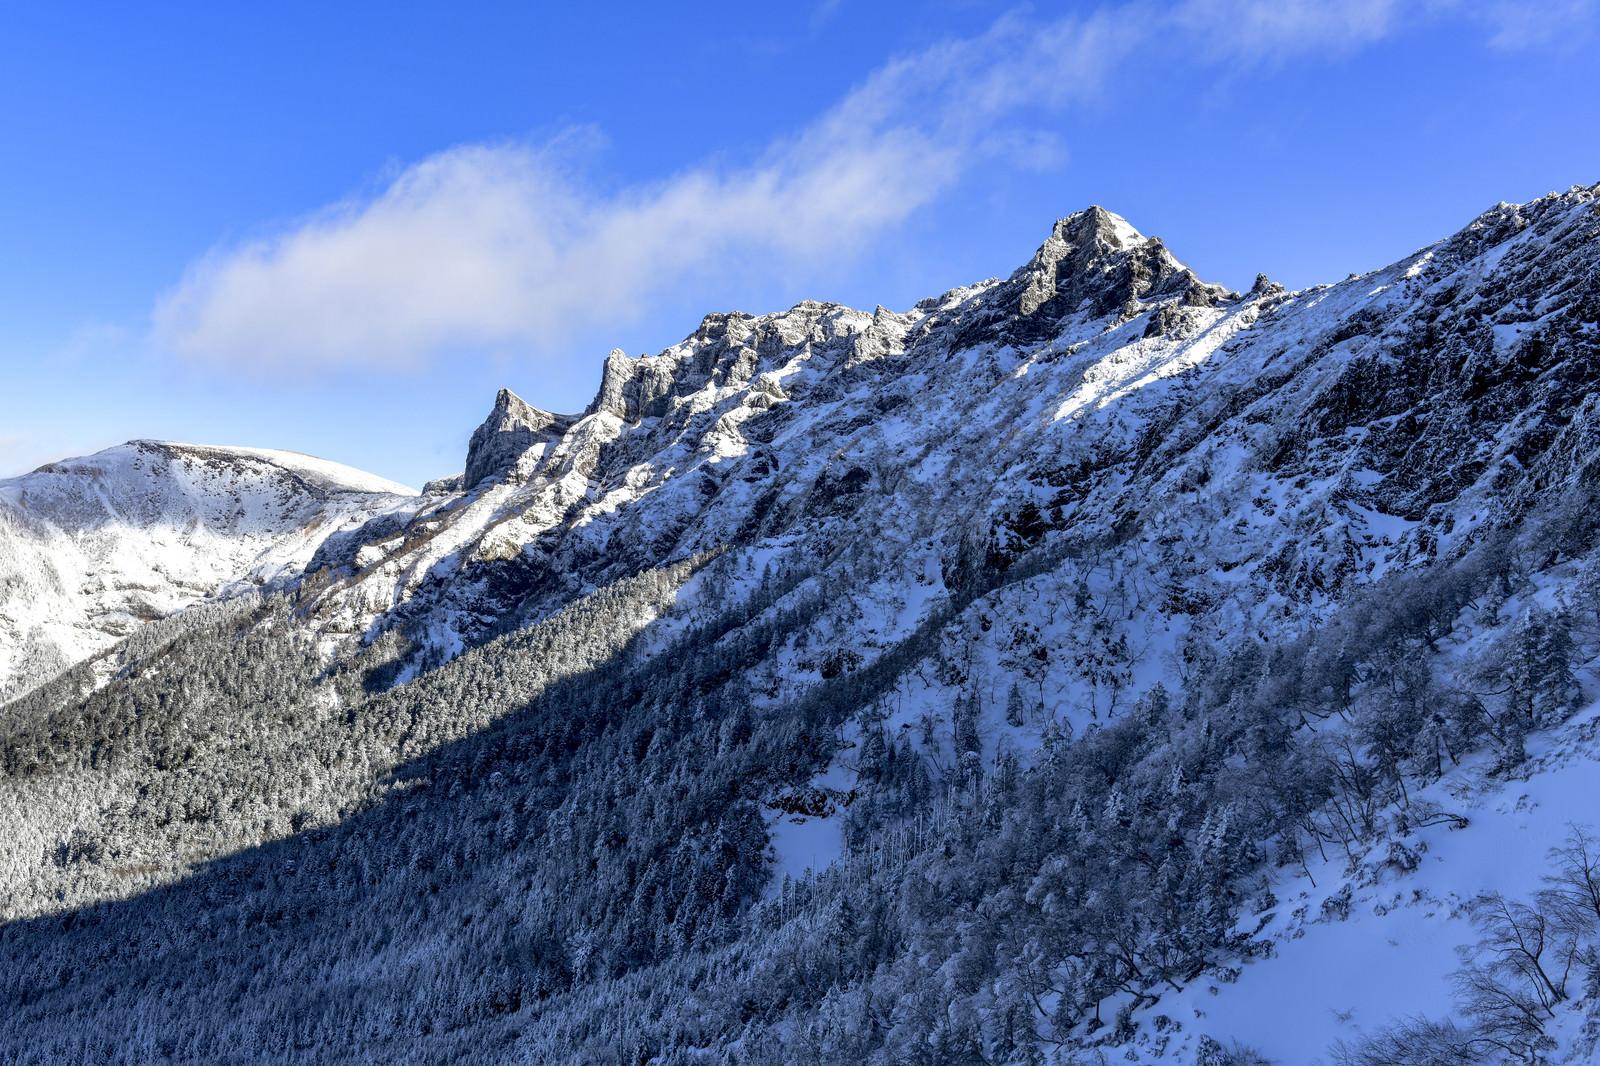 「冬の文三郎尾根から眺める横岳と硫黄岳」の写真